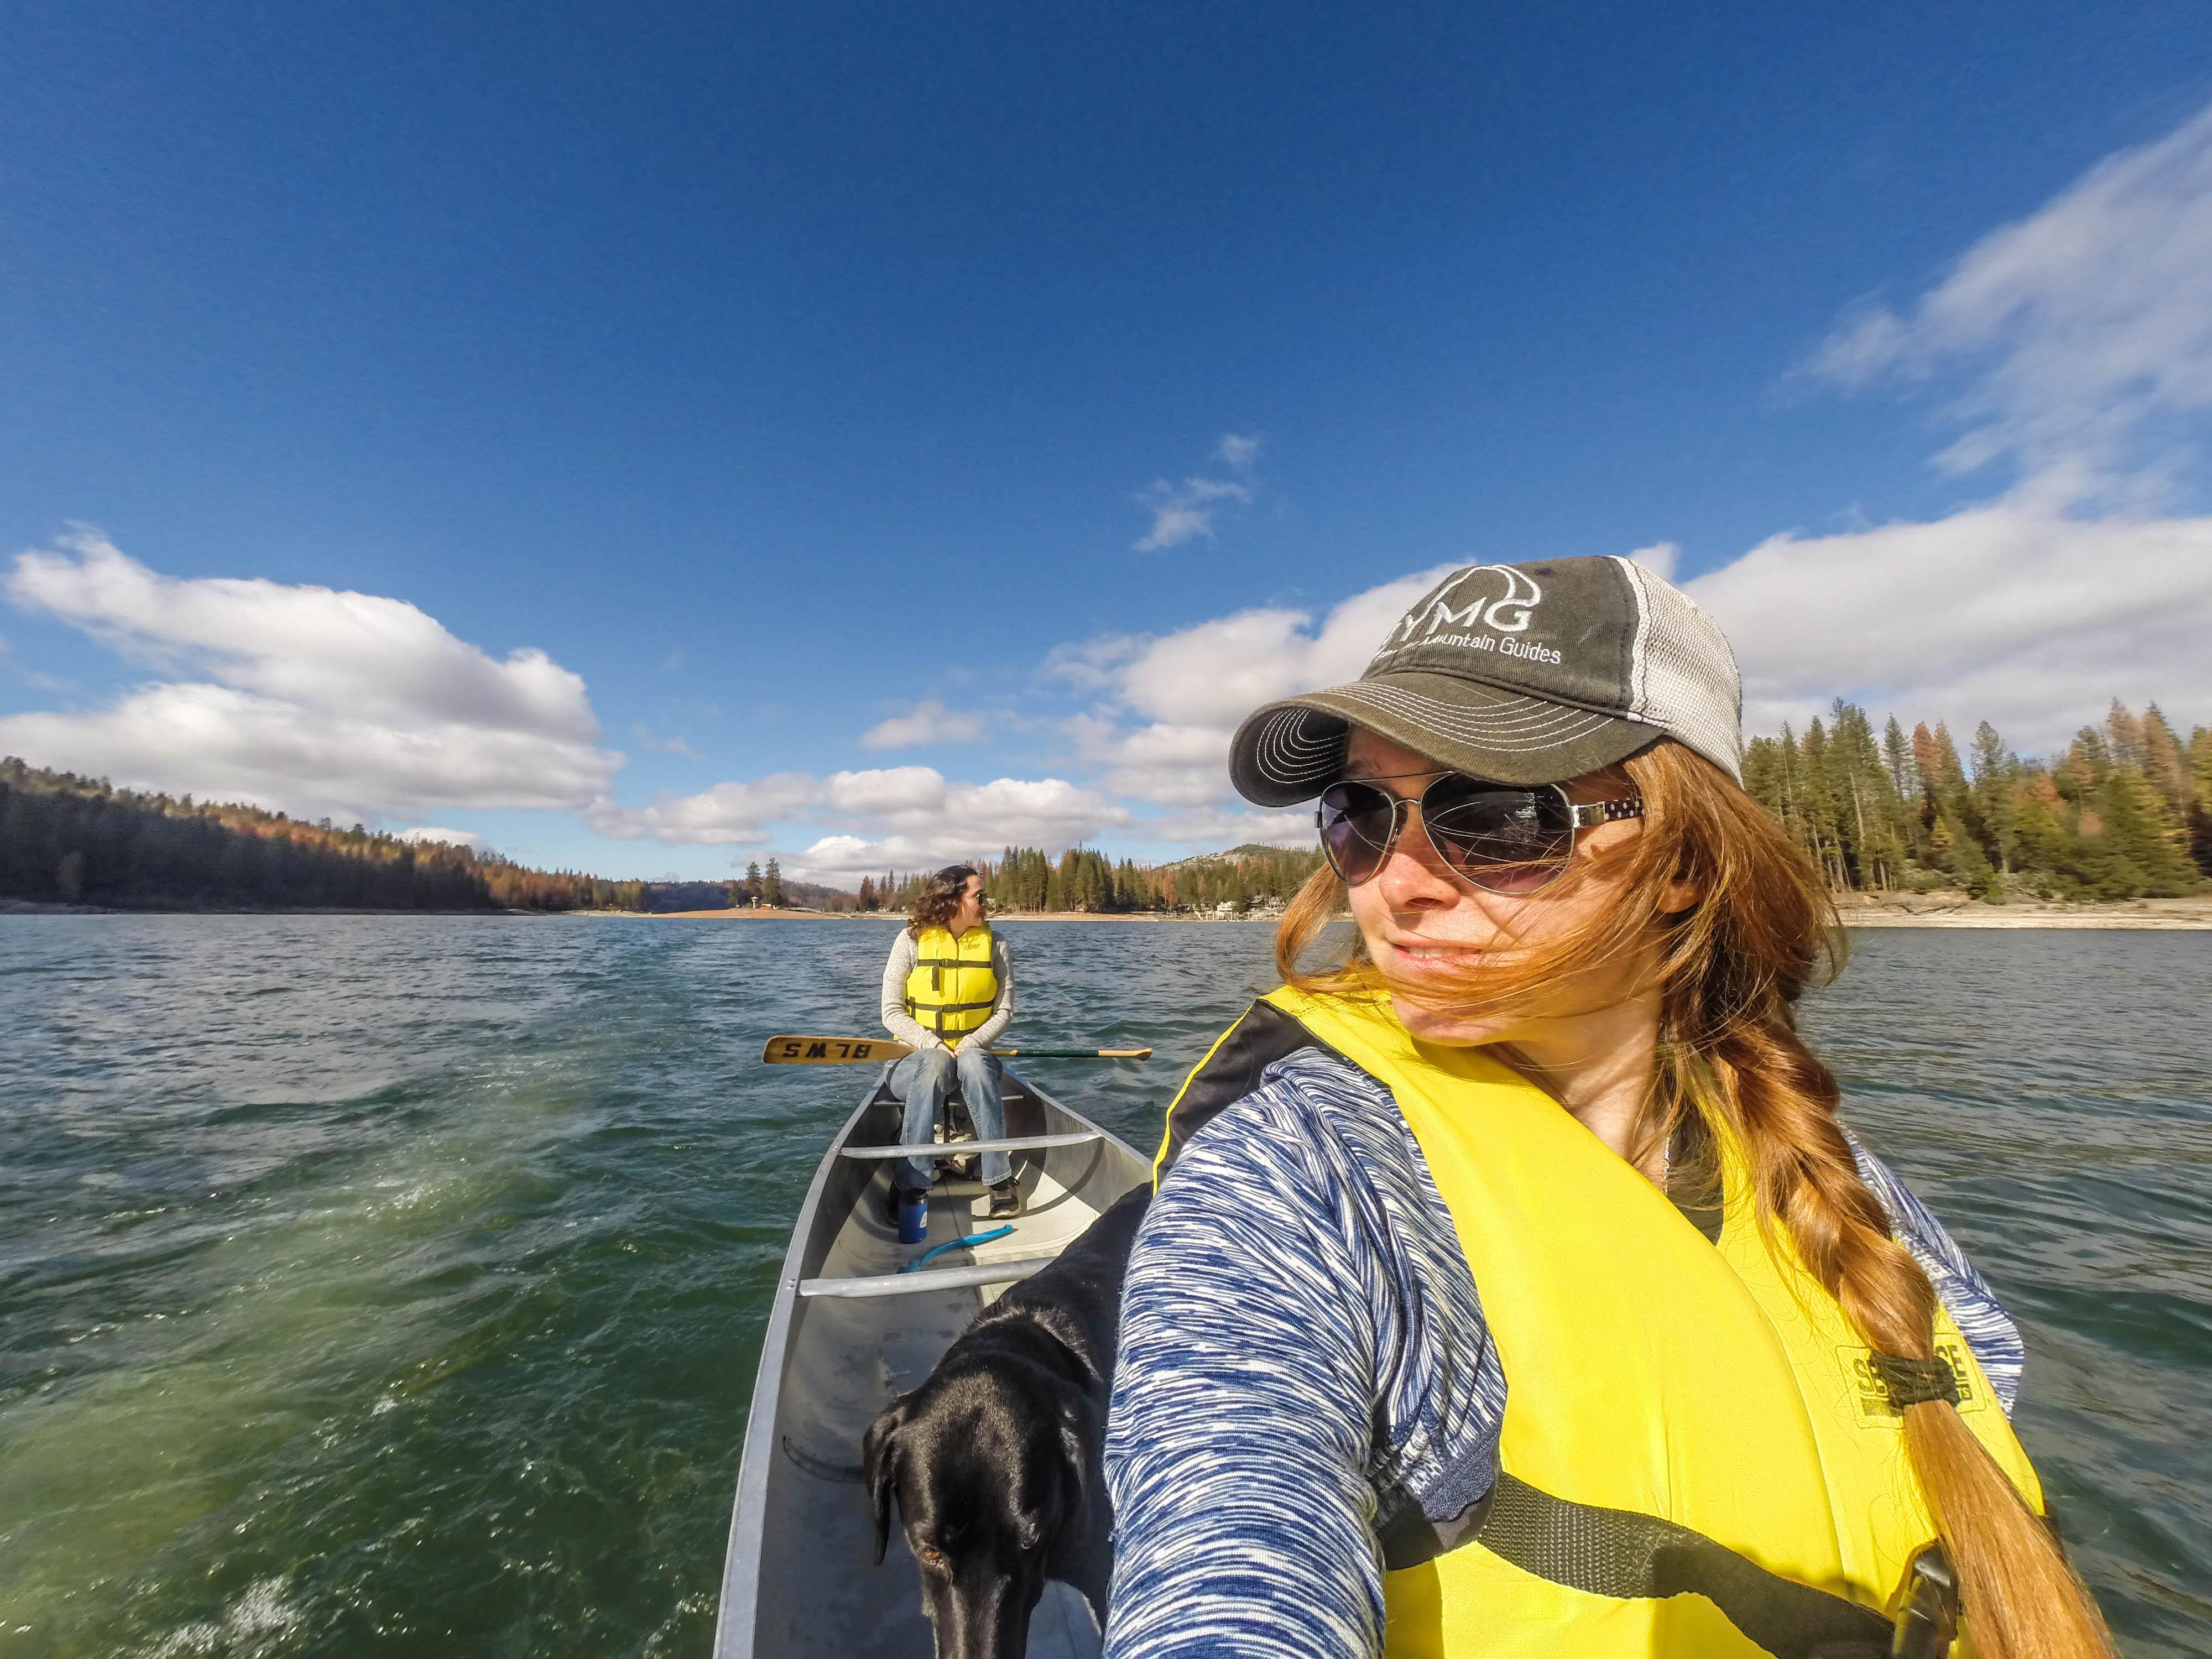 Canoeing around Bass Lake